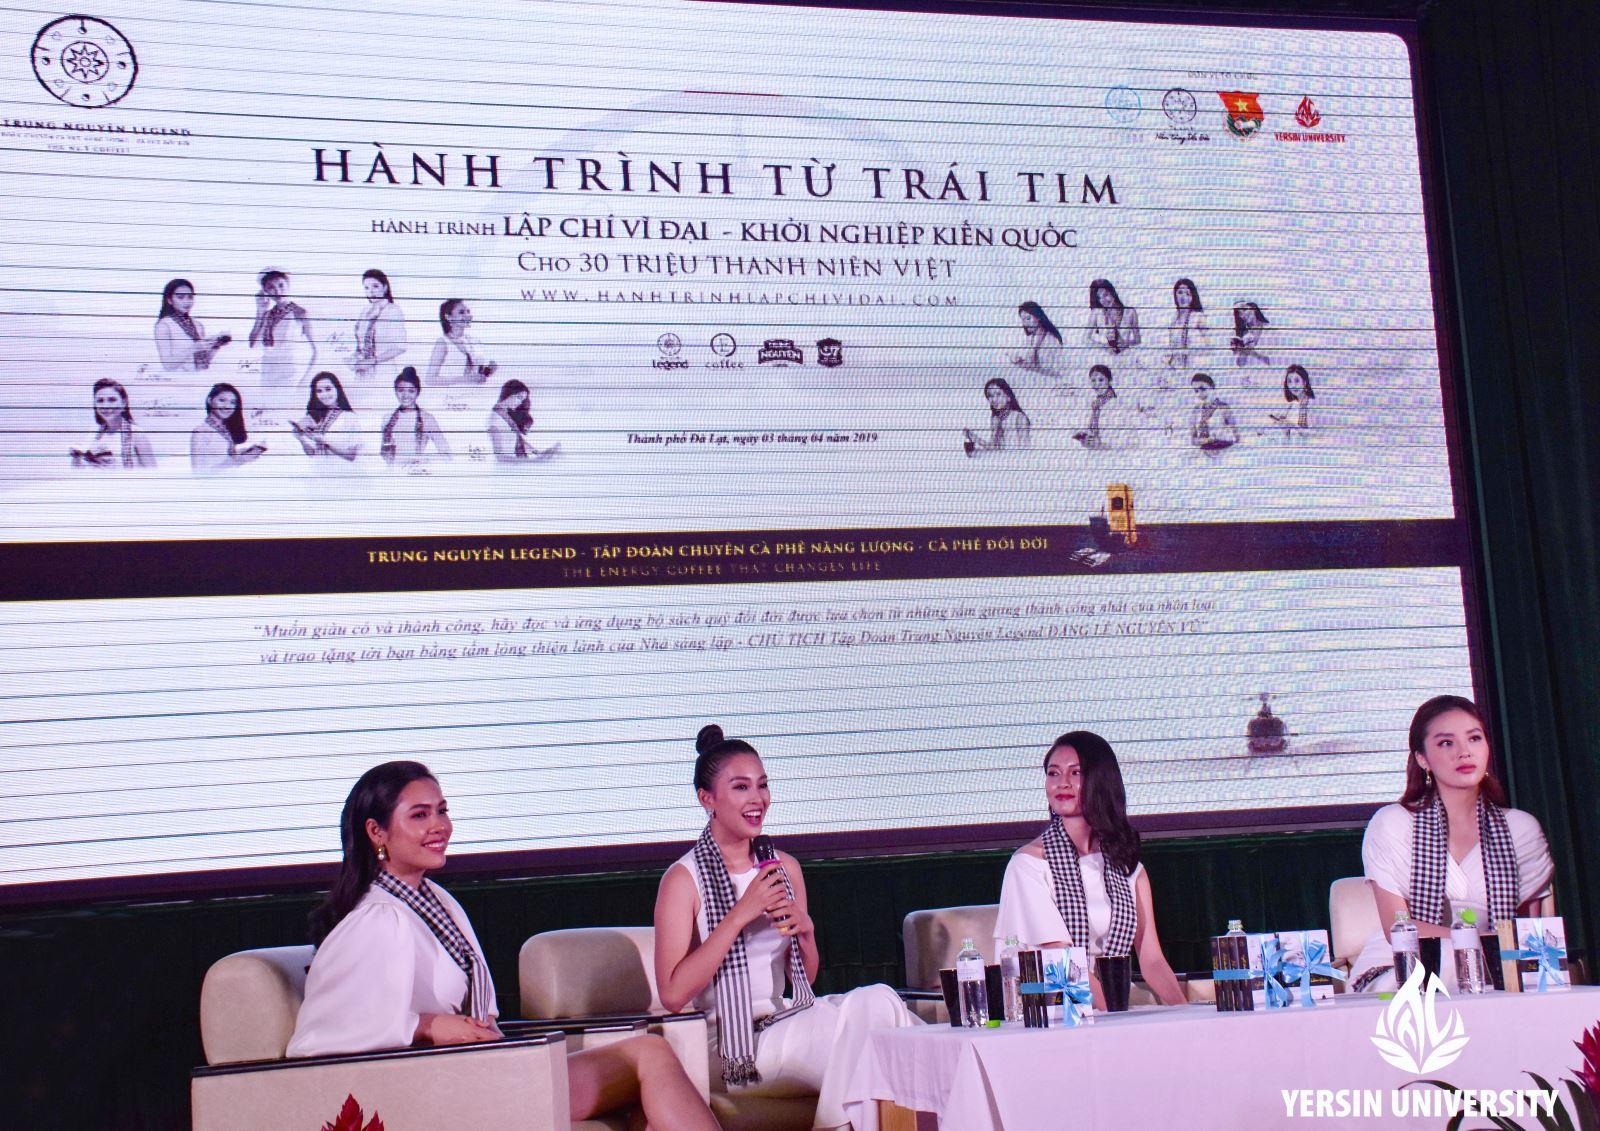 Hoa hậu Tiểu Vy chia sẻ với sinh viên tại chương trình